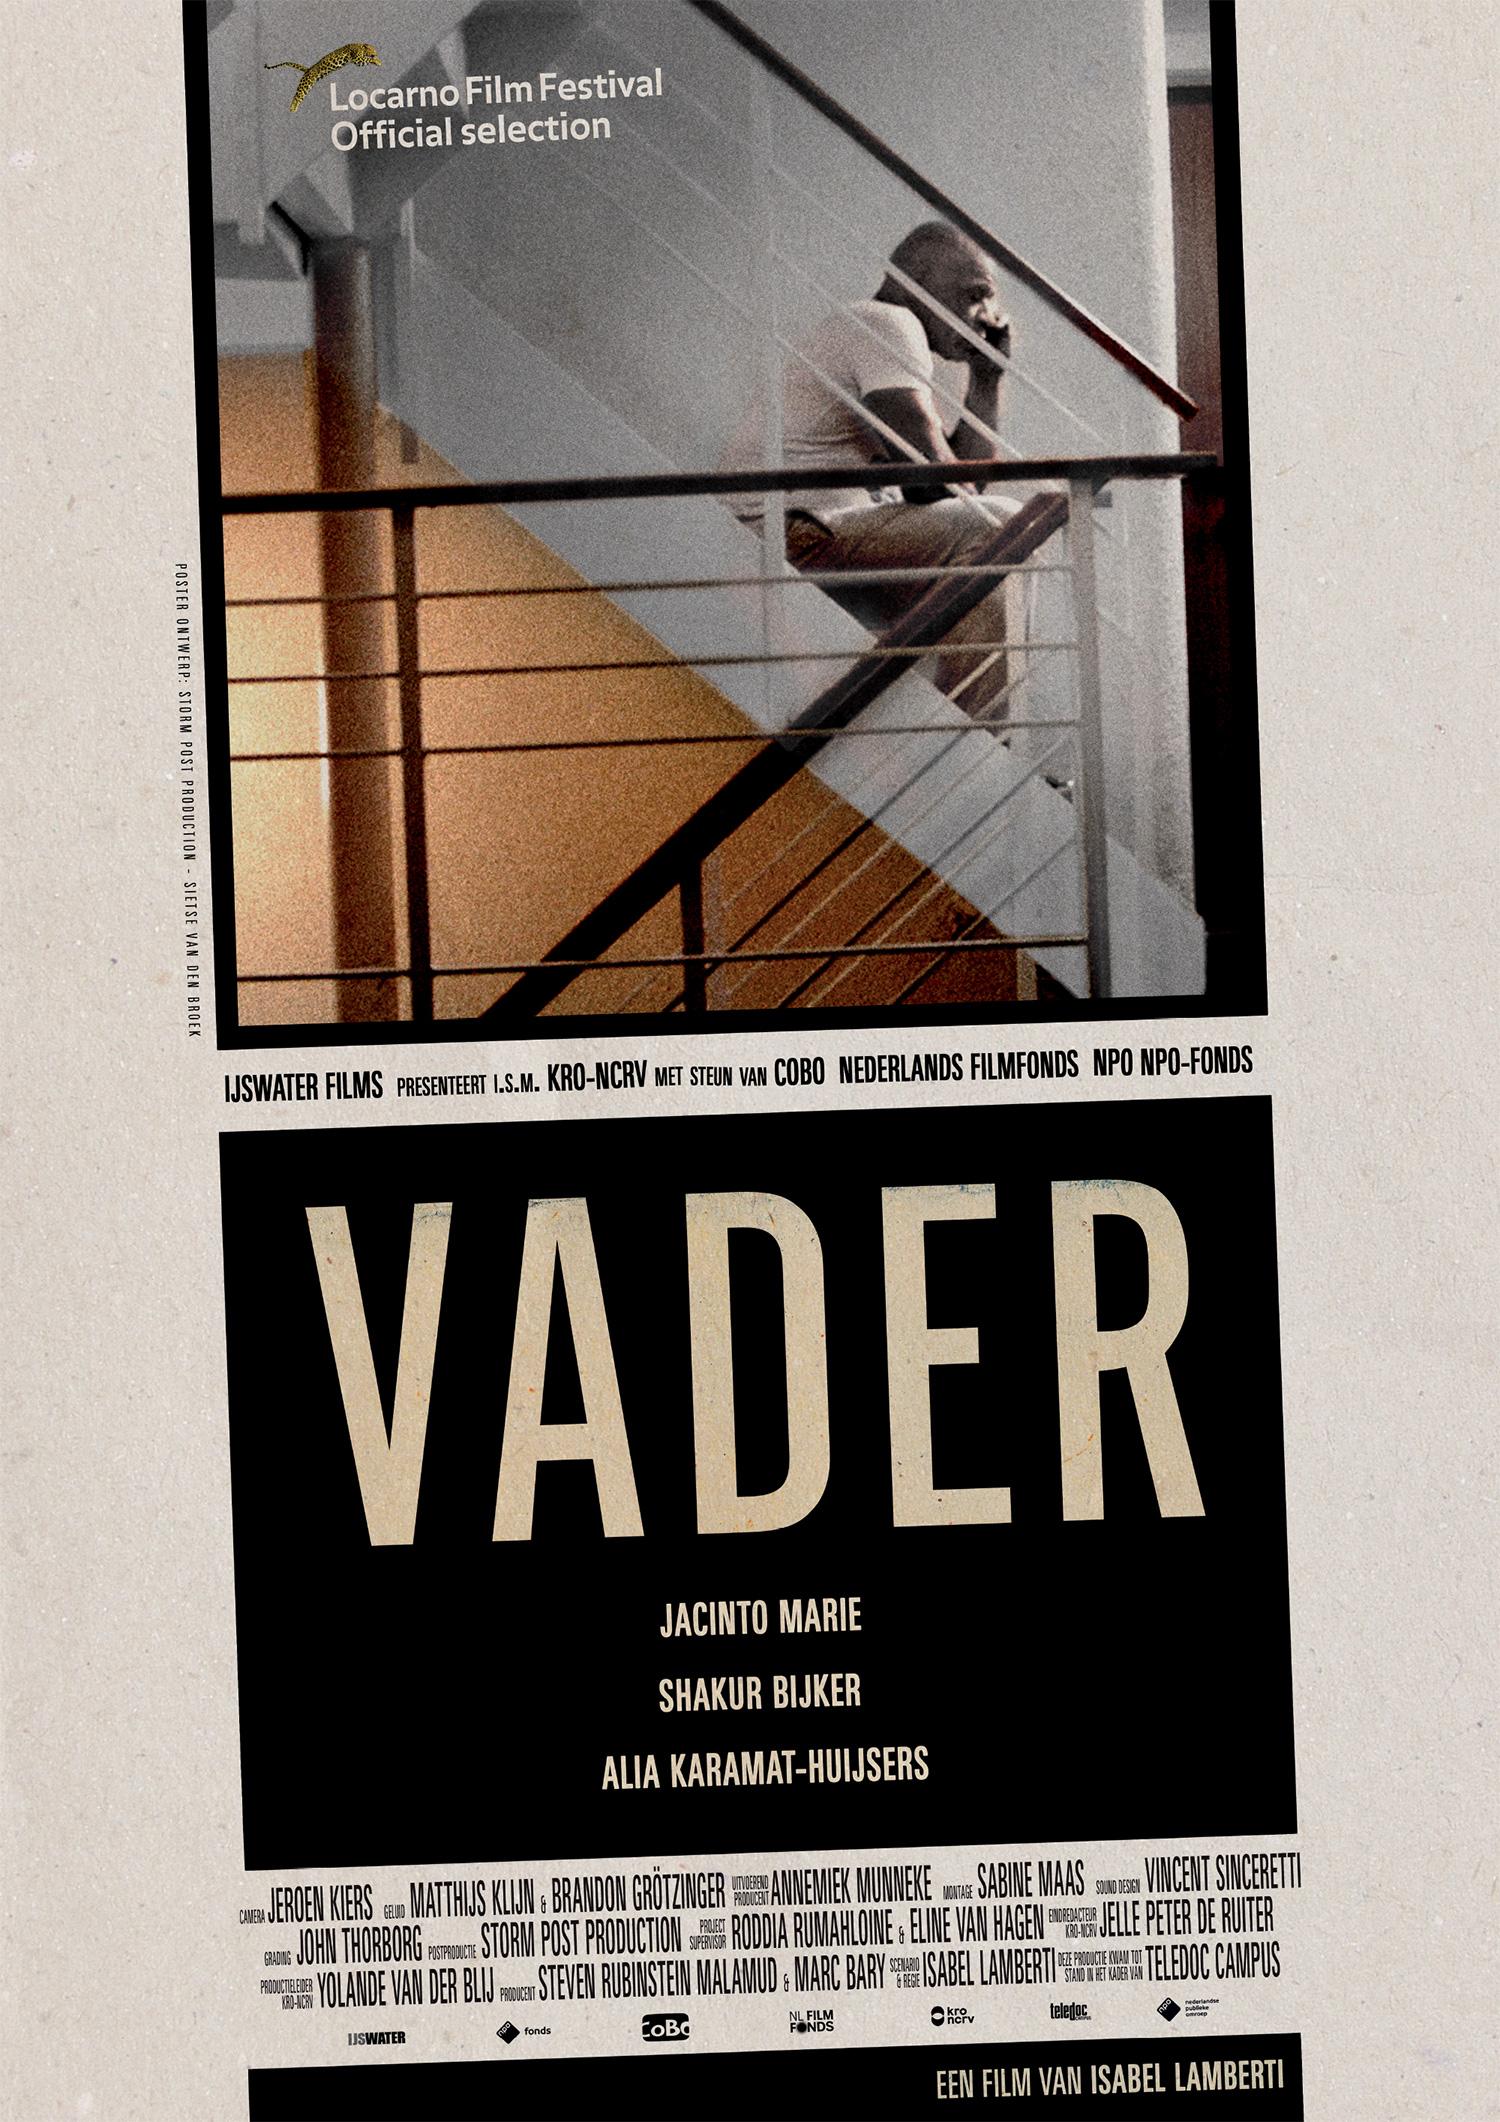 VADER beleeft wereldpremière op het Locarno Film Festival